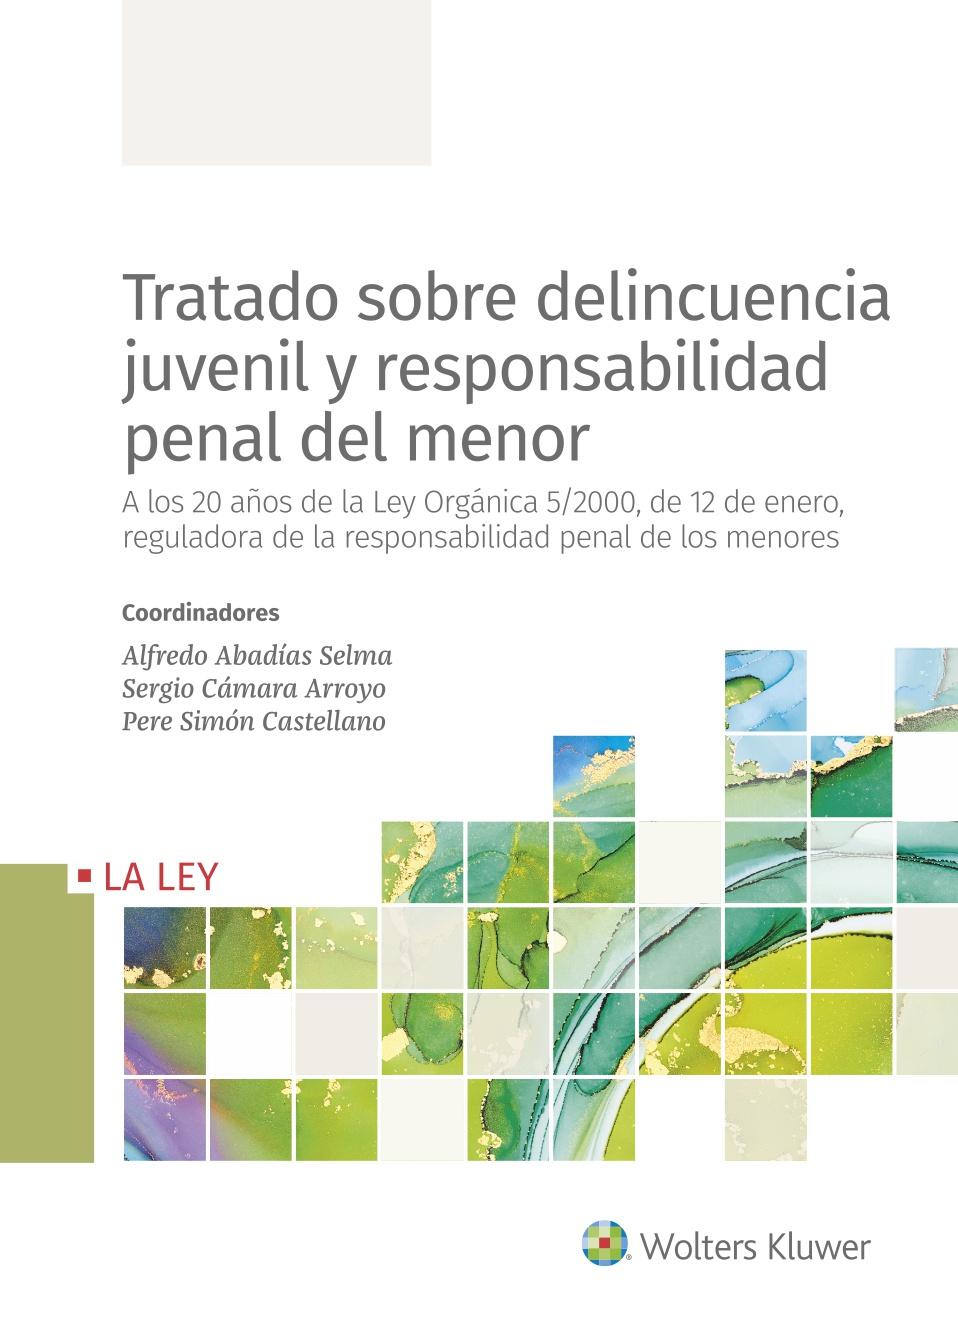 Tratado sobre delincuencia juvenil y responsabilidad penal del menor   «A los 20 años de la Ley Orgánica 5/2000, de 12 de enero, reguladora de la responsabilidad penal de los menores»